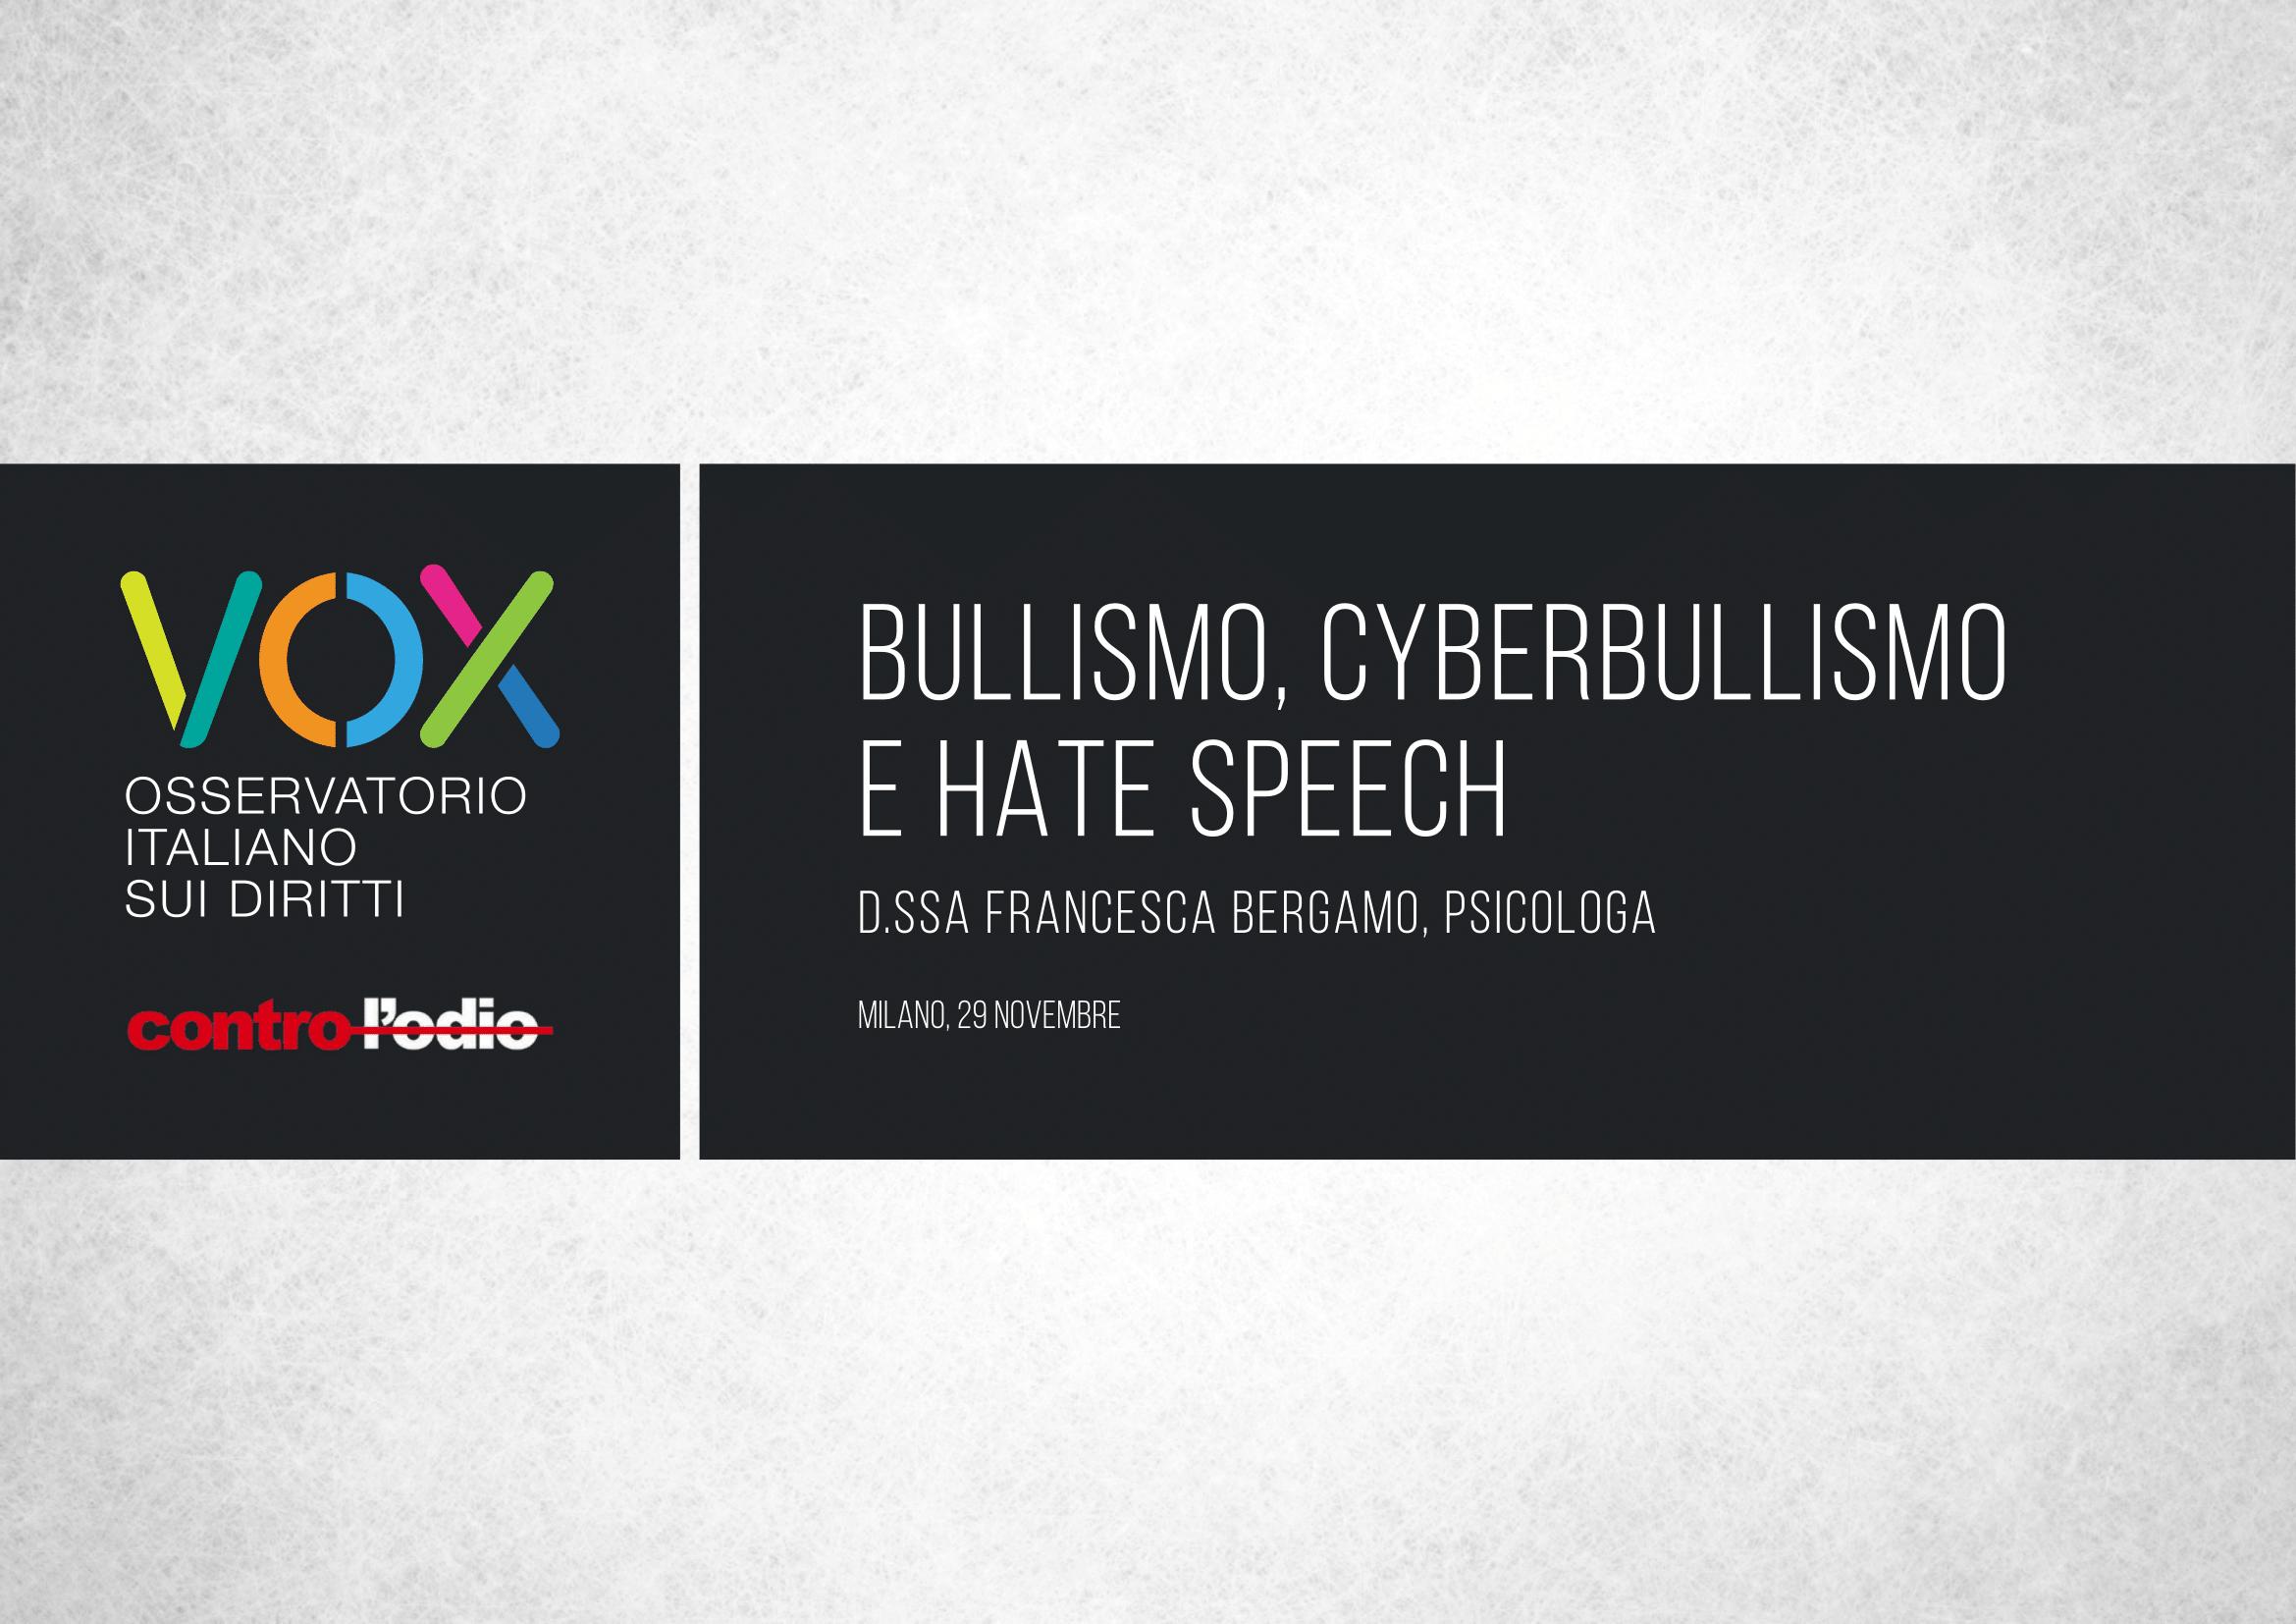 Presentazione delle slide sul bullismo e sull'odio online